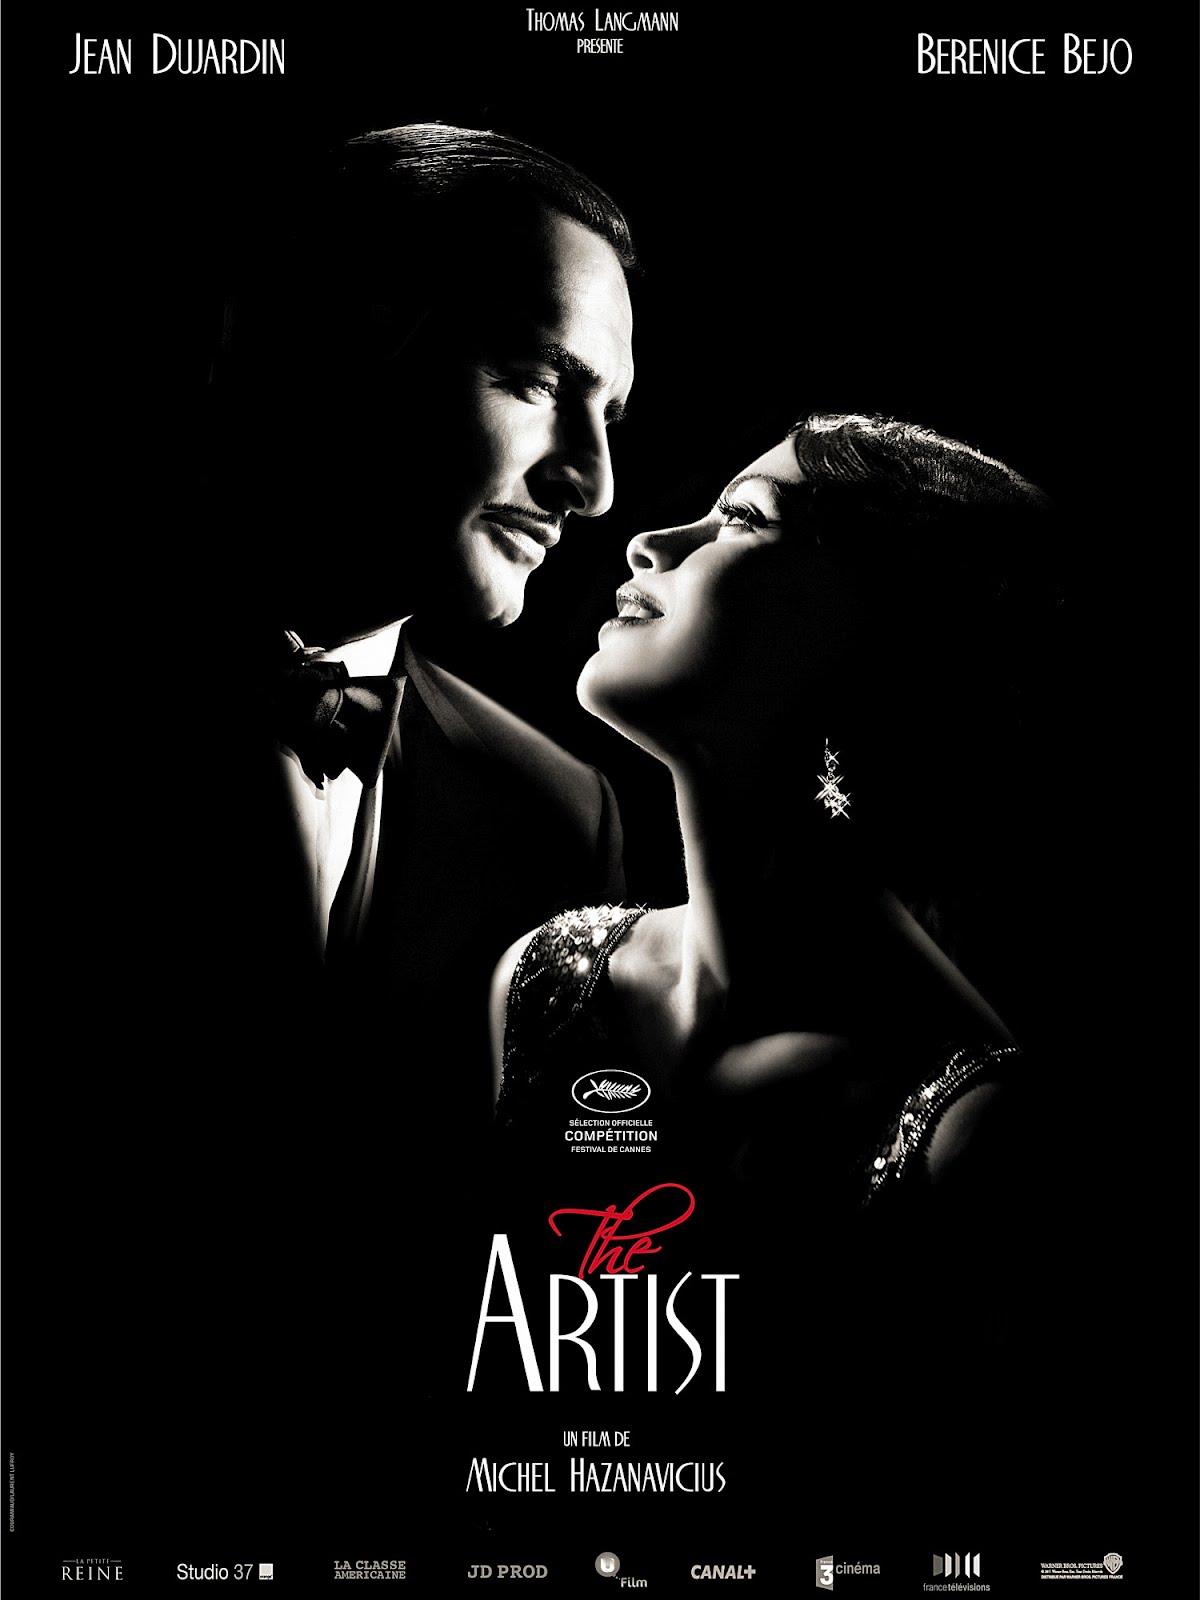 http://2.bp.blogspot.com/-P9SfHIWF8J0/T0svHK6QSRI/AAAAAAAACVQ/hgJNSmsJSHg/s1600/The-Artist-Poster.jpeg